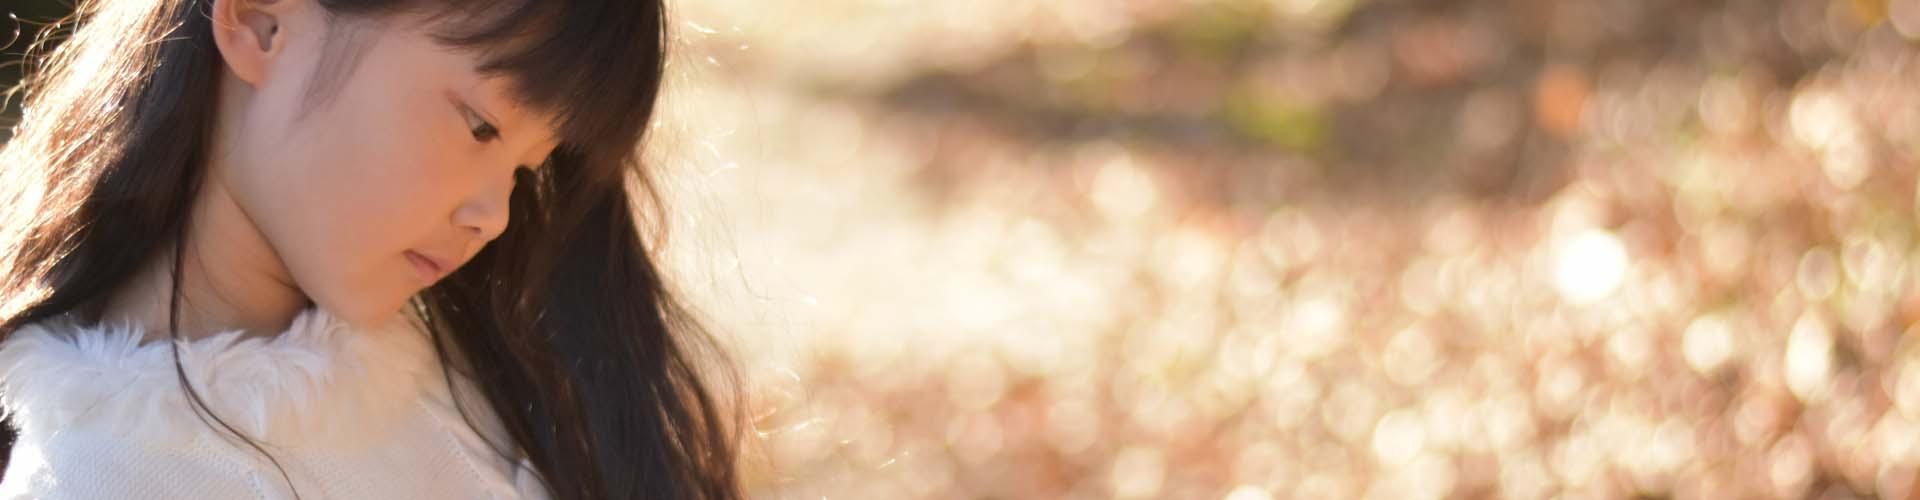 「秋バテ」度チェック!夏の疲れが蓄積?不調の原因と対策